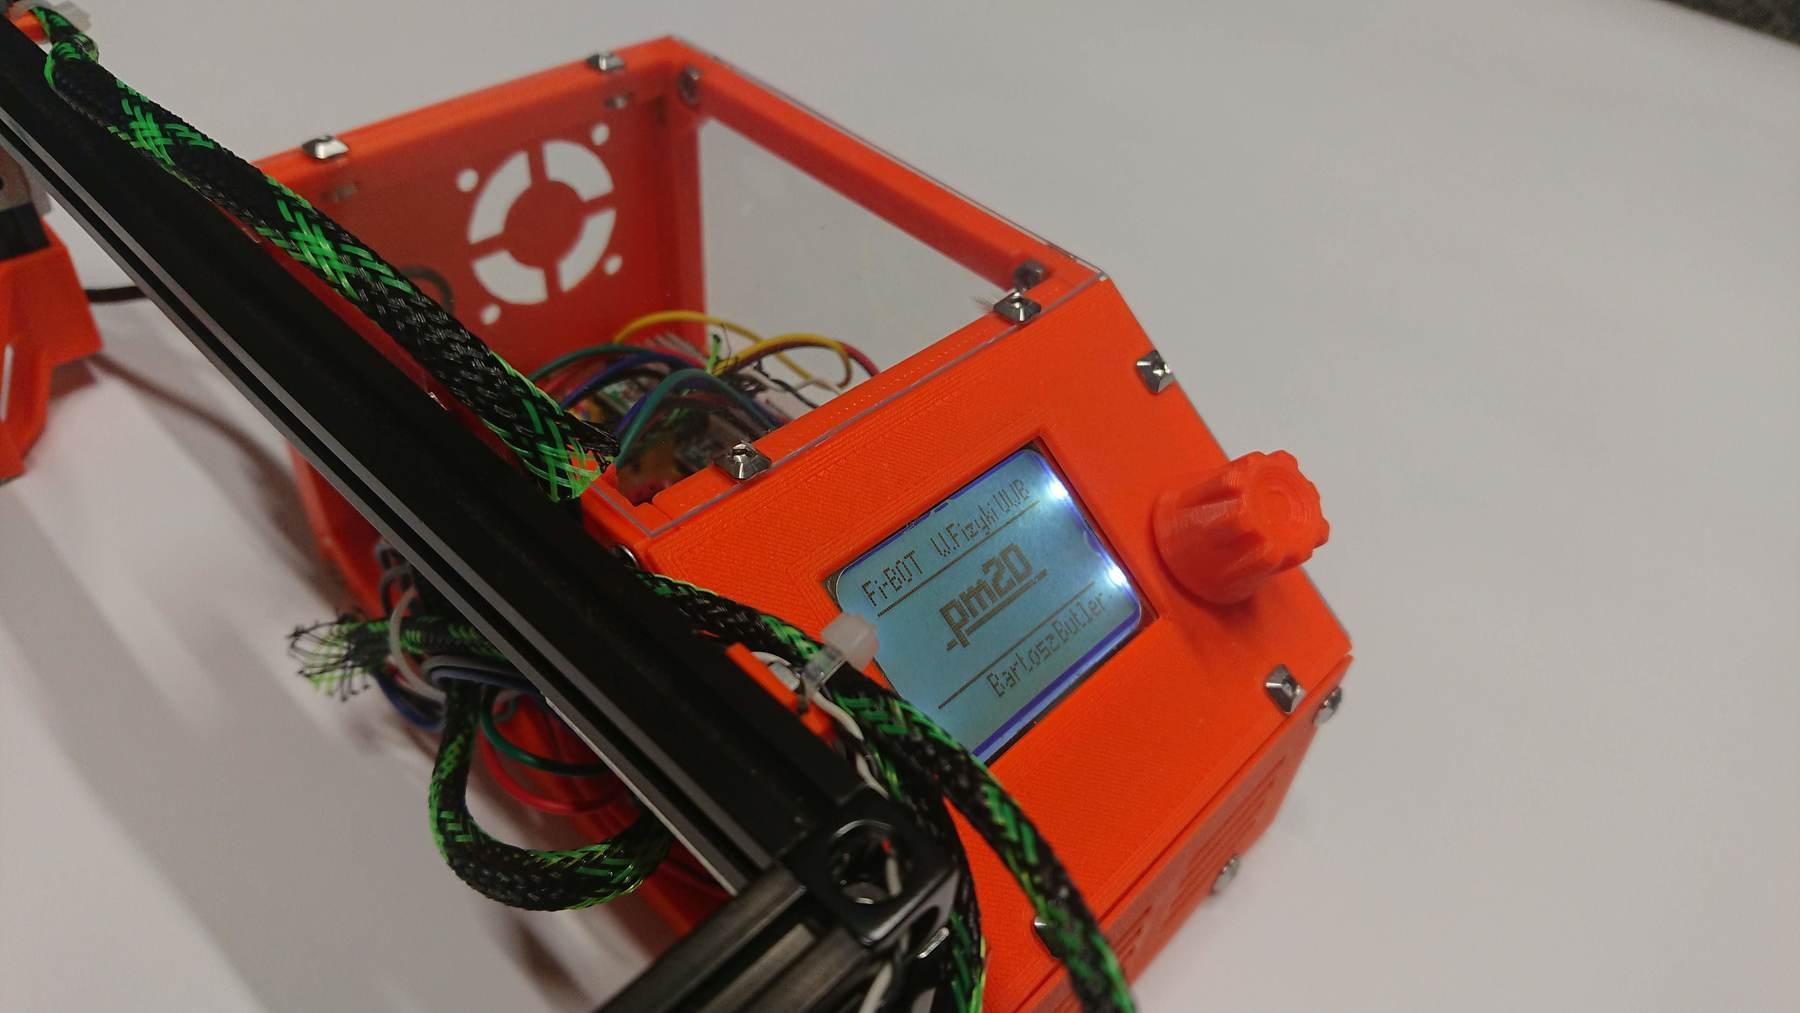 Wielozadaniowa, programowalna maszyna 2D/3D do zadań precyzyjnych